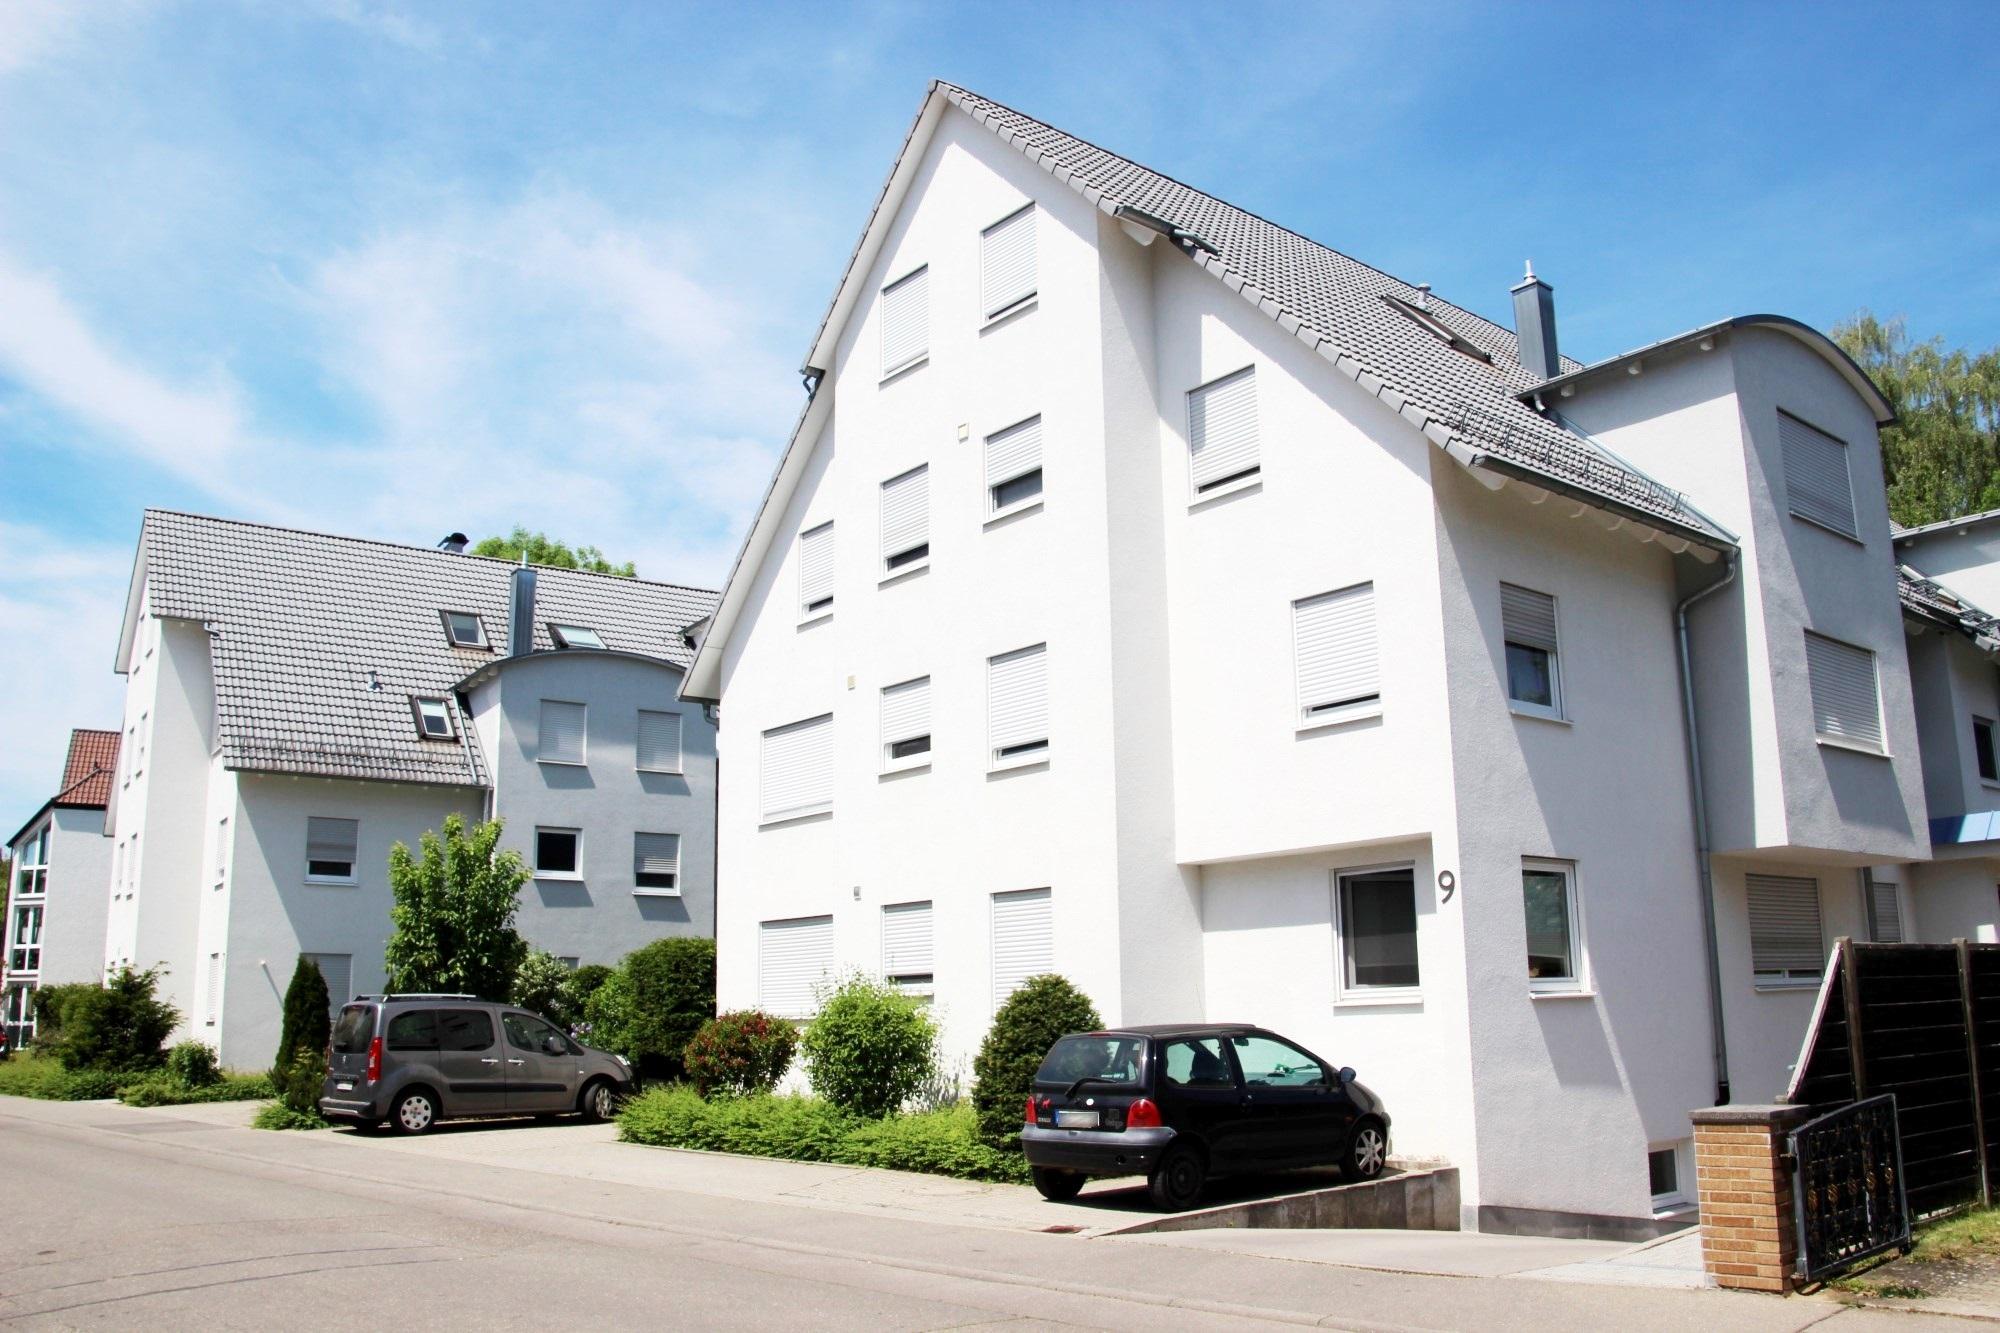 2007 | 2. Bauabschnitt 9-Familienhaus Pfadstraße in Sindelfingen-Maichingen, Architekt Dipl. Ing. U. Gehrer